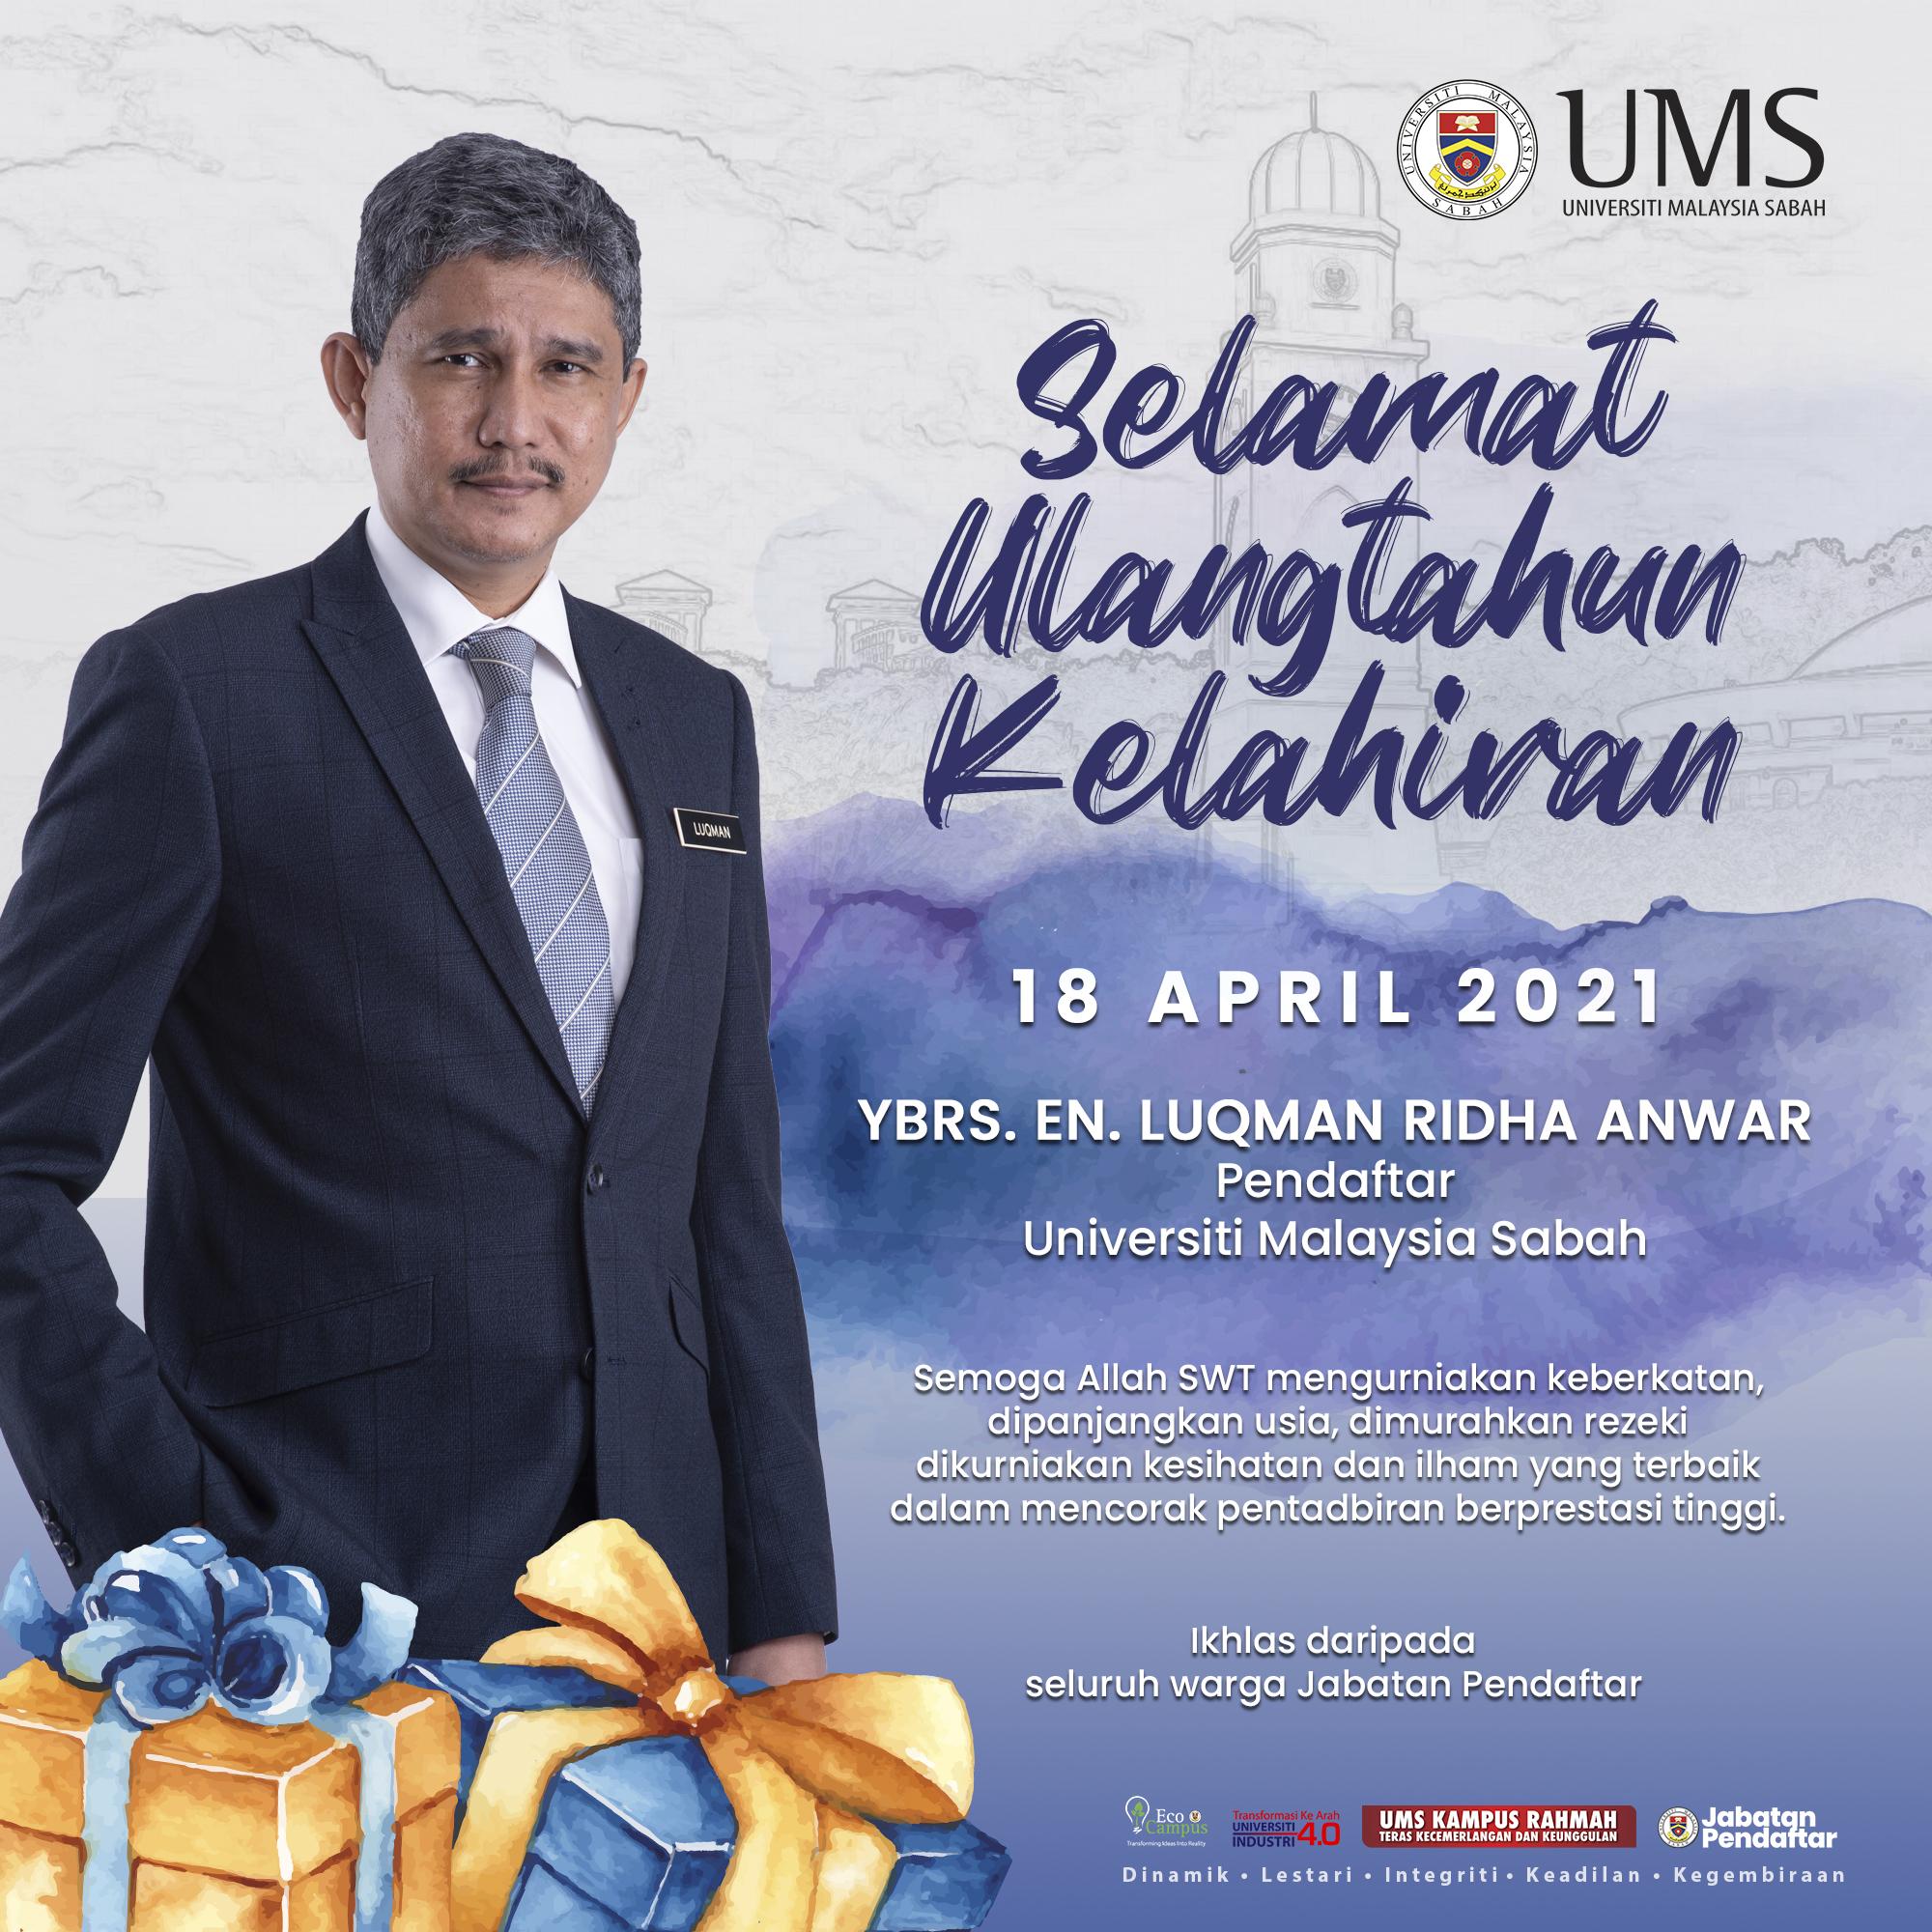 Ucapan Selamat Ulangtahun Kelahiran Pendaftar Universiti Malaysia Sabah